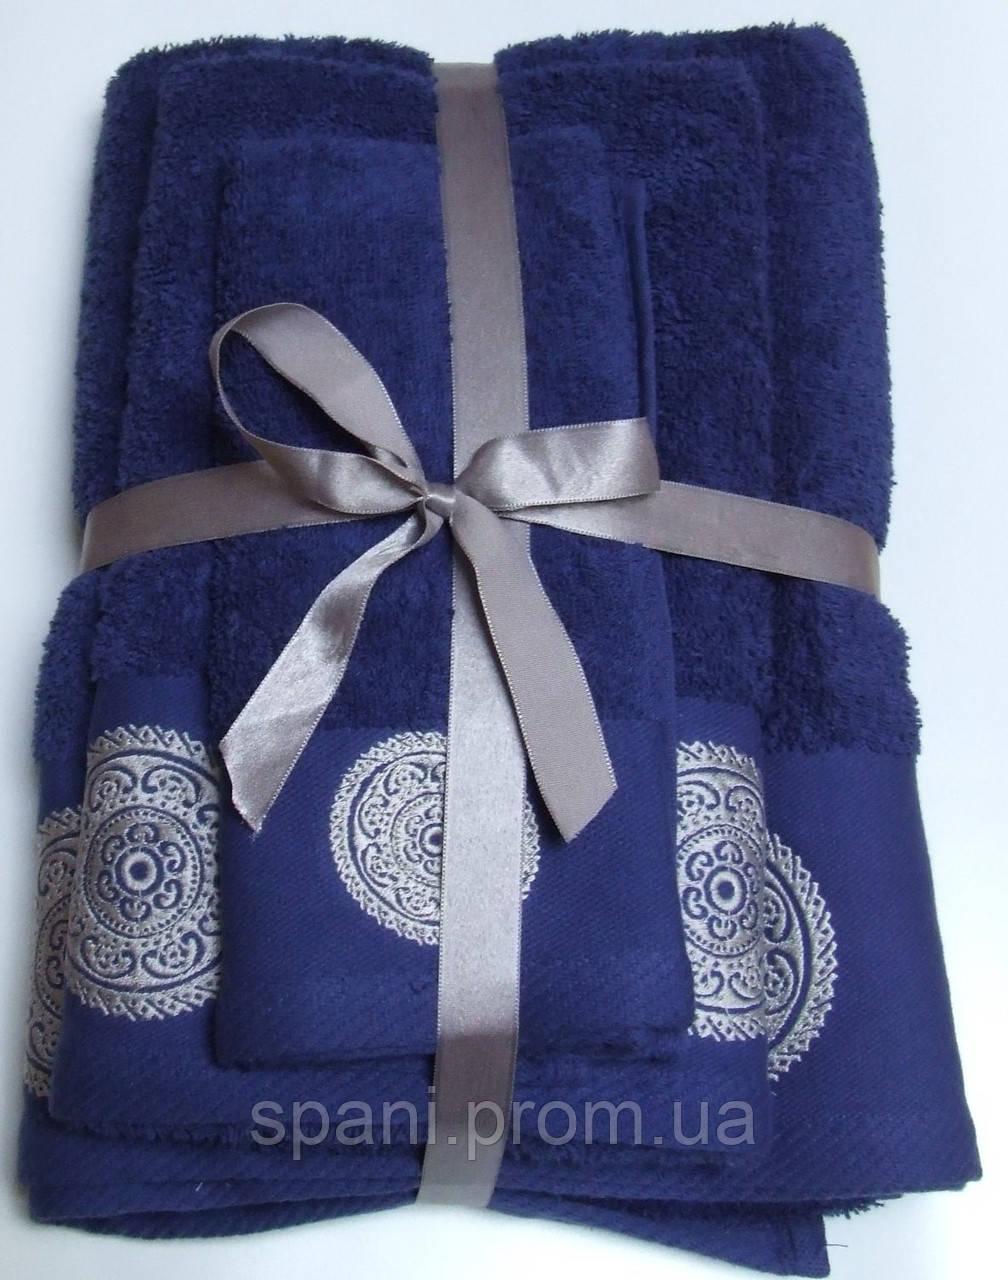 Махровое полотенце Damask, 50*90, 100% хлопок, 550 гр/м2, Пакистан, Синий